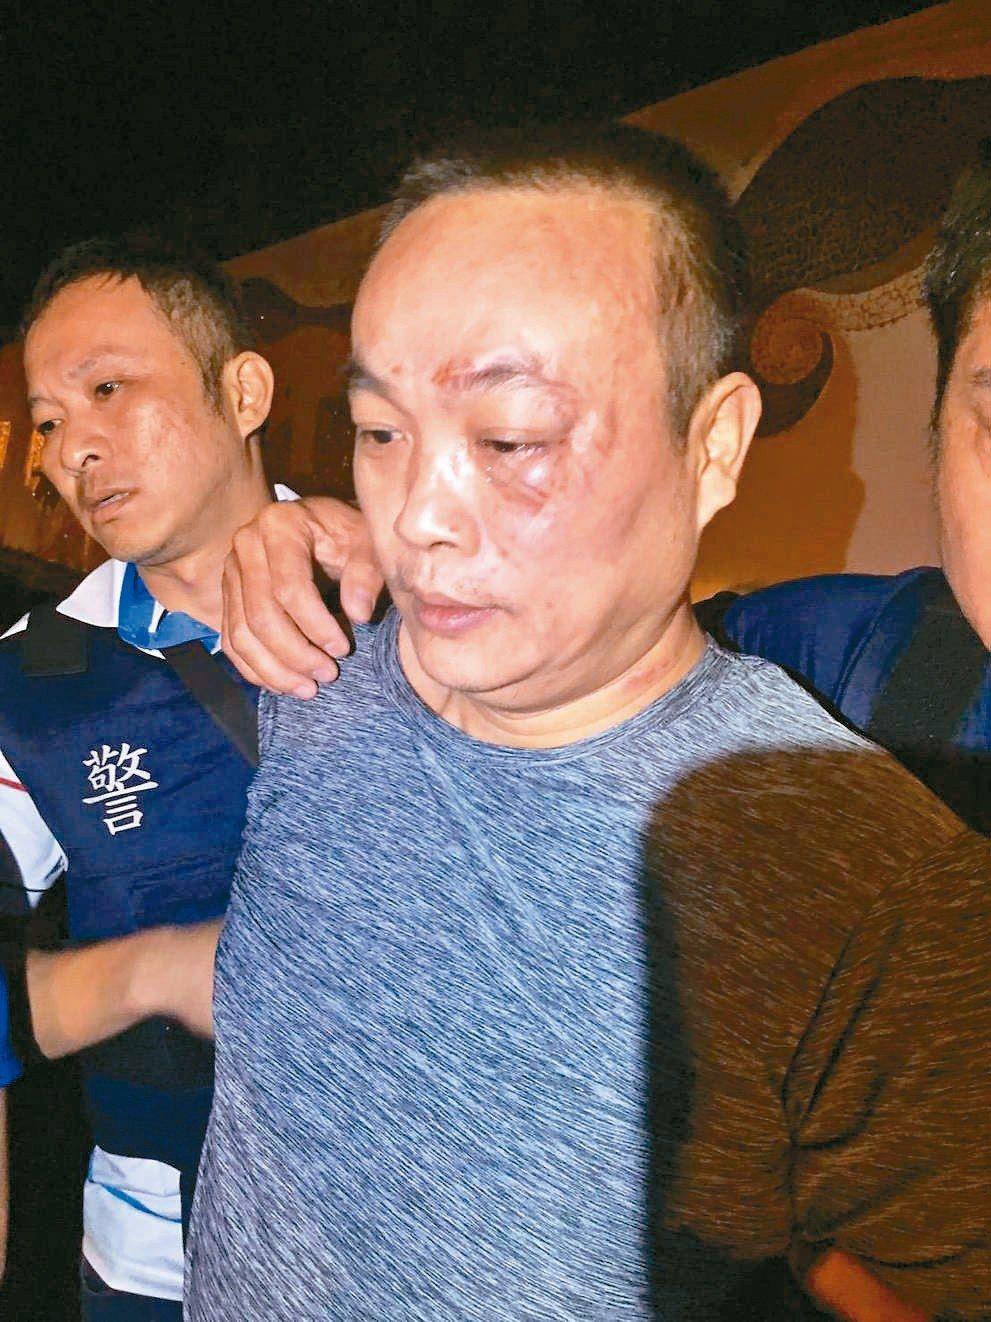 涉嫌槍殺台南刑警的梅姓嫌犯(右)落網。 記者吳淑玲/翻攝